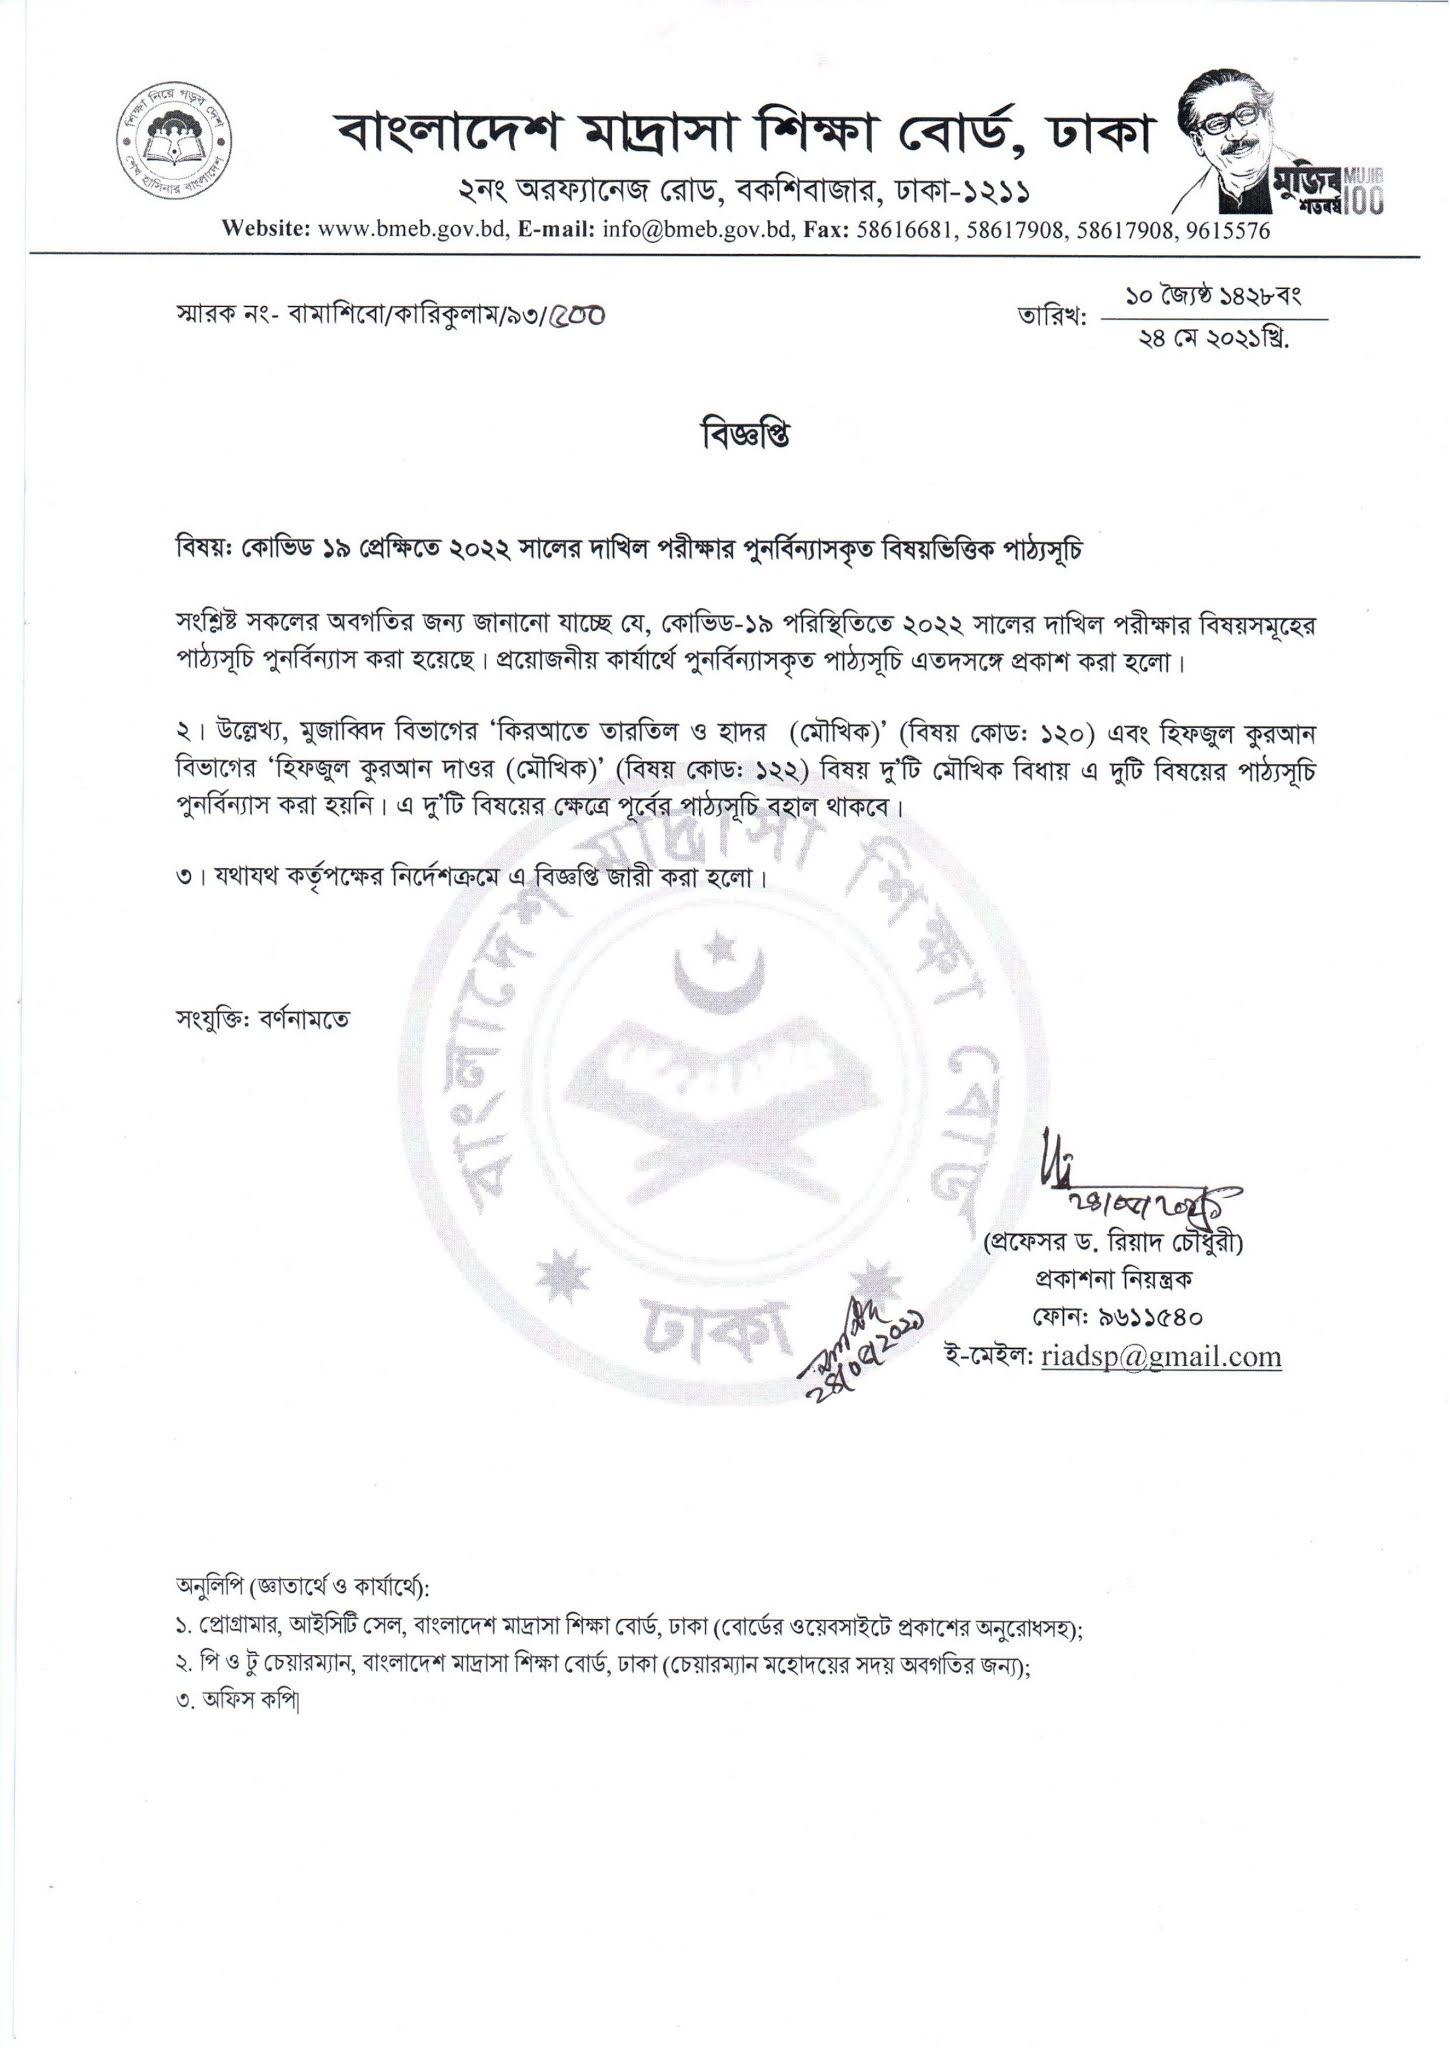 ২০২২ সালের দাখিল পরীক্ষার সিলেবাস -দাখিল সংক্ষিপ্ত সিলেবাস ২০২২ | Dhakil Short Syllabus 2022 PDF